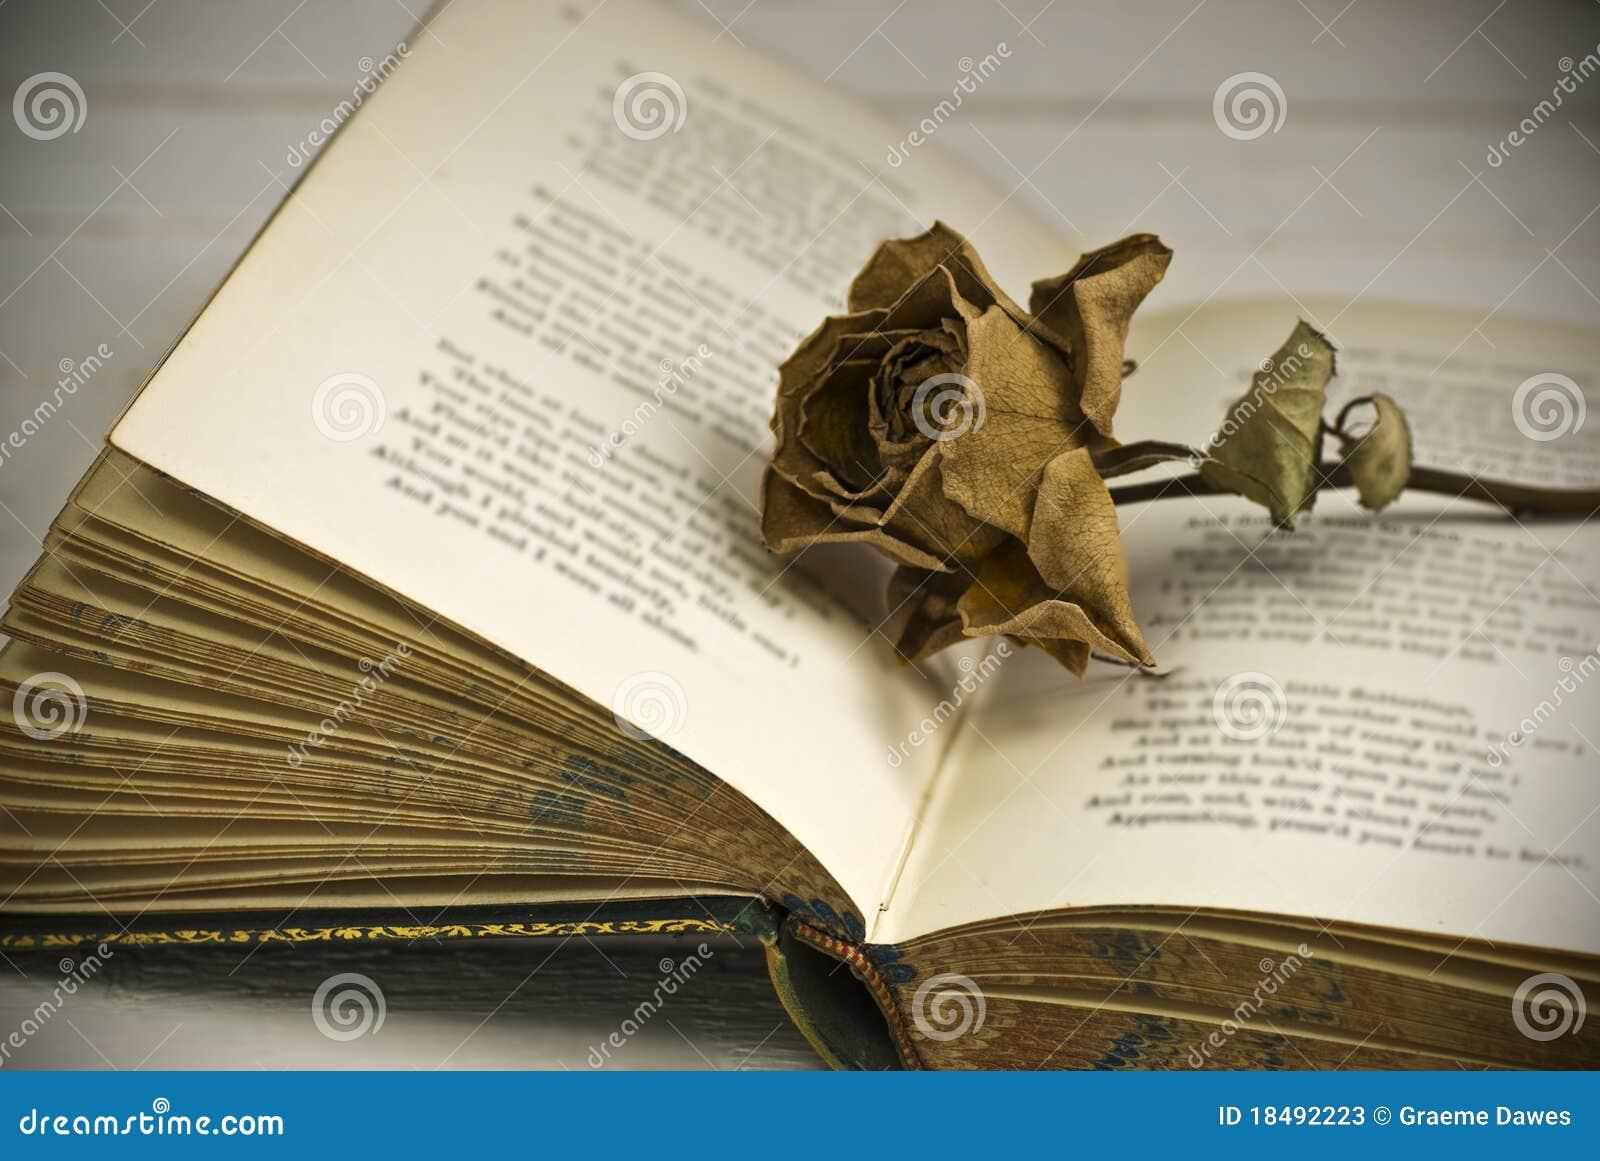 Скачать книгу мертвая роза